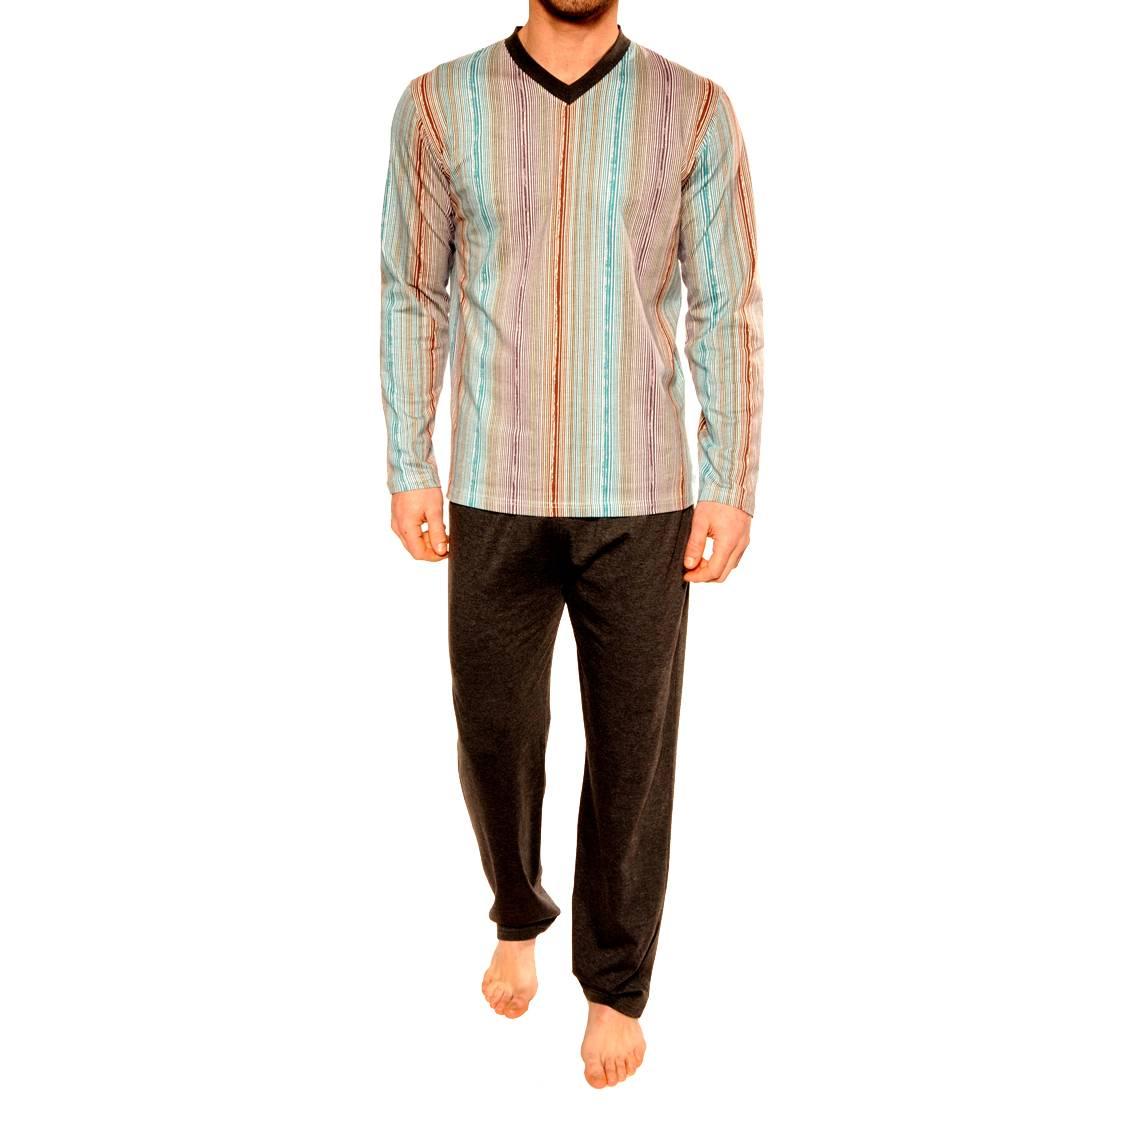 Pyjama long Boris Christian Cane en coton mélangé : tee-shirt manches longues col V à rayures et pantalon gris anthracite + 1 boxer offert